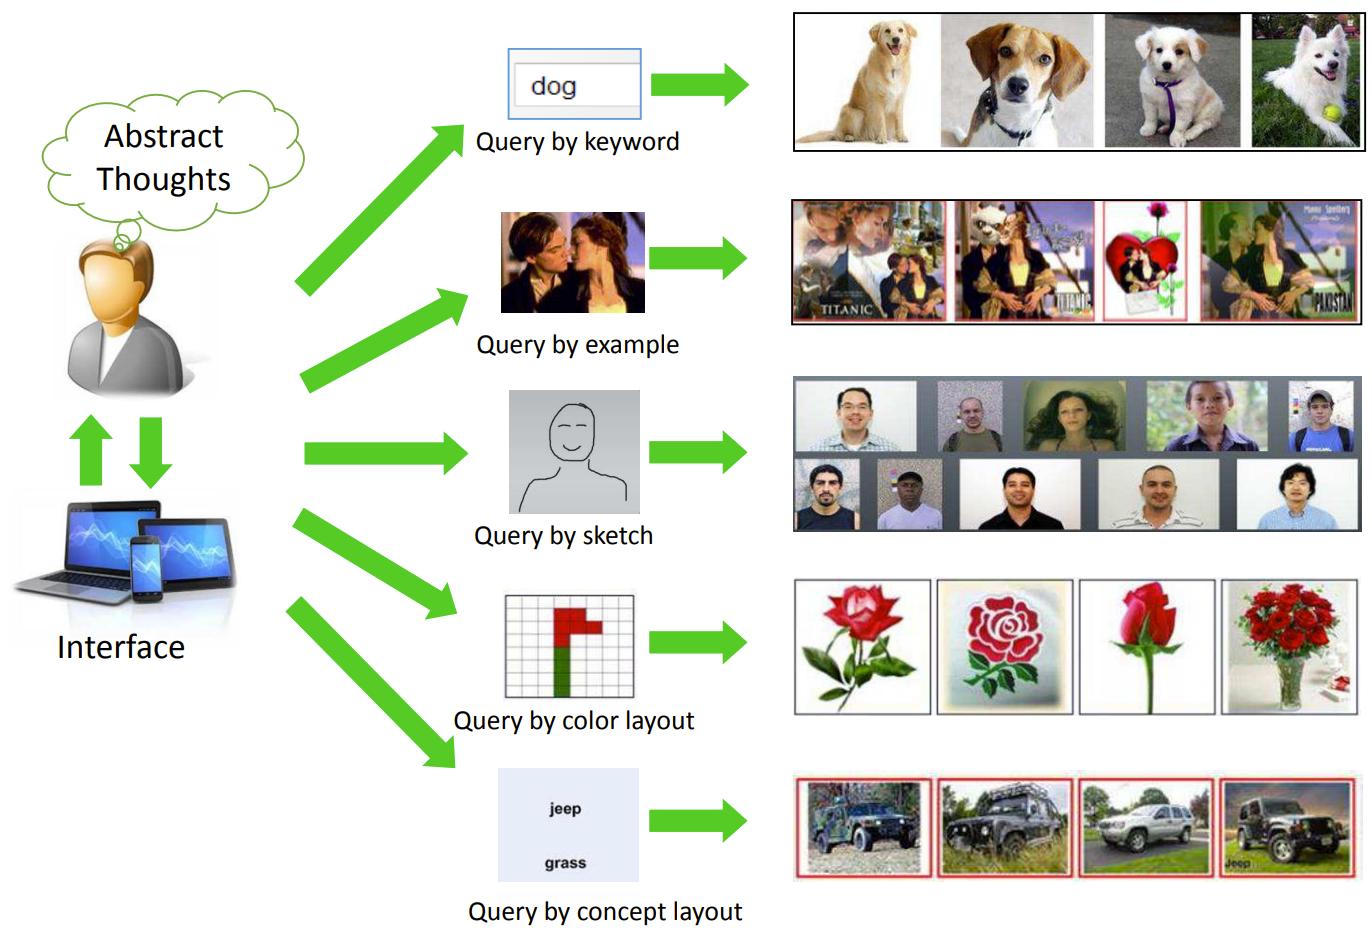 Как построить свою систему поиска похожих изображений